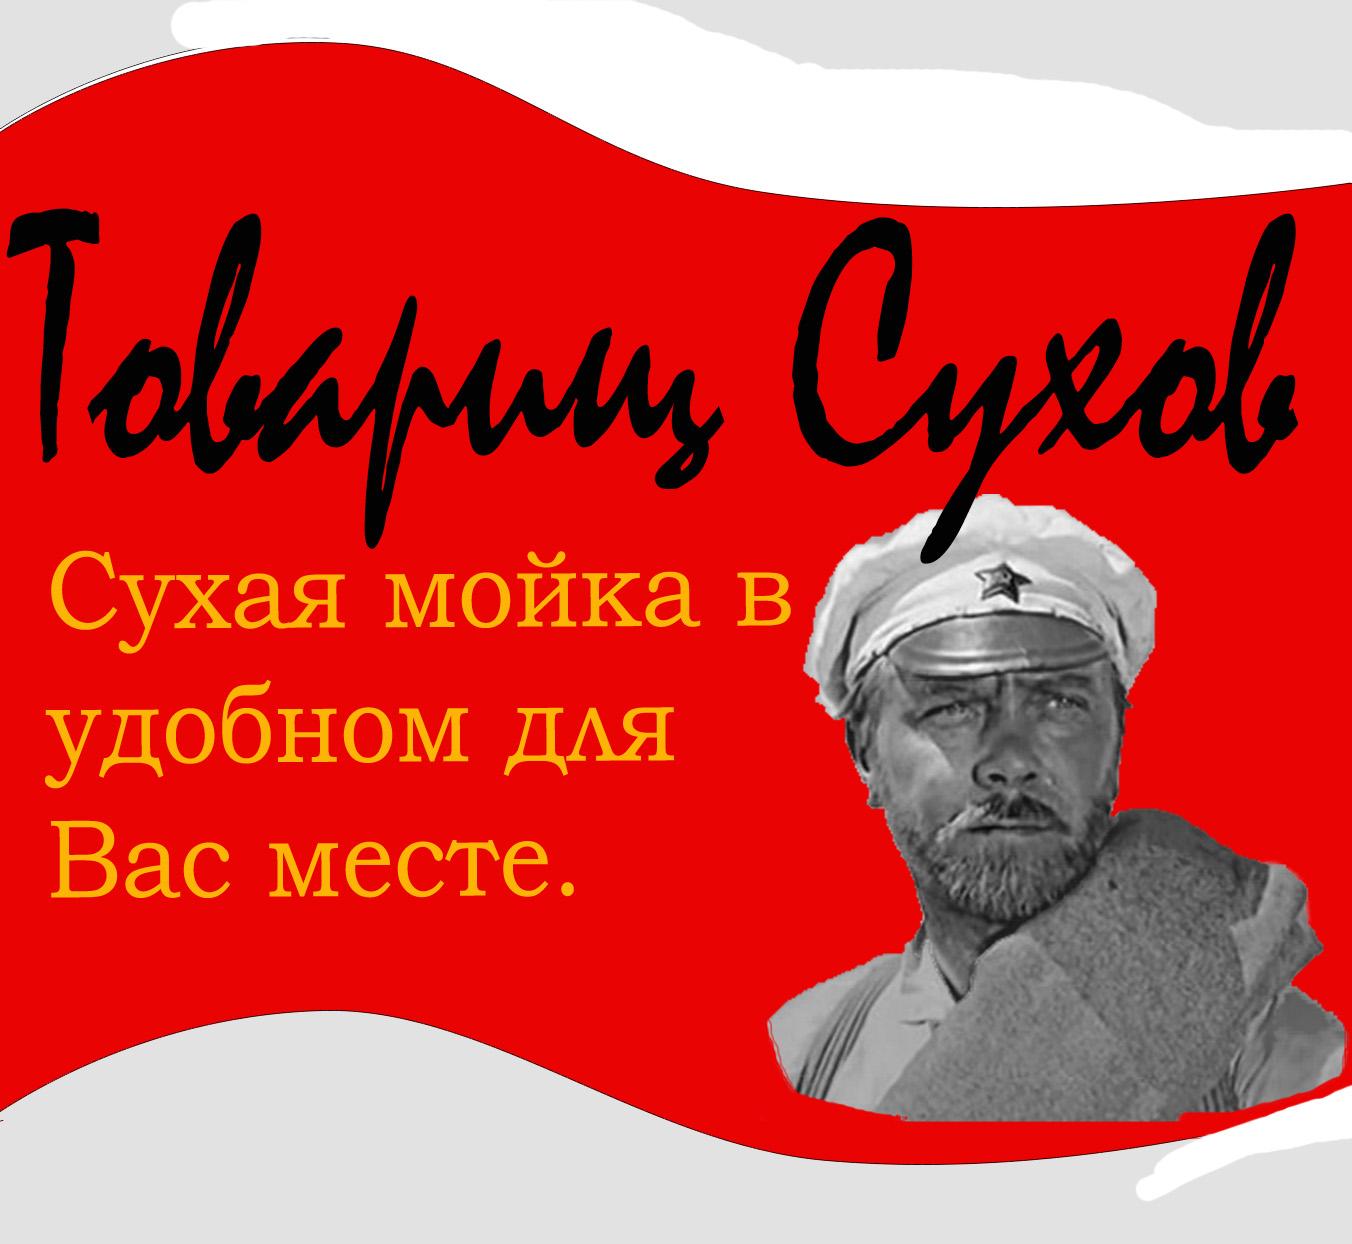 """Разработка логотипа для сухой мойки """"Товарищ Сухов"""" фото f_01753fd56c2a24d5.jpg"""